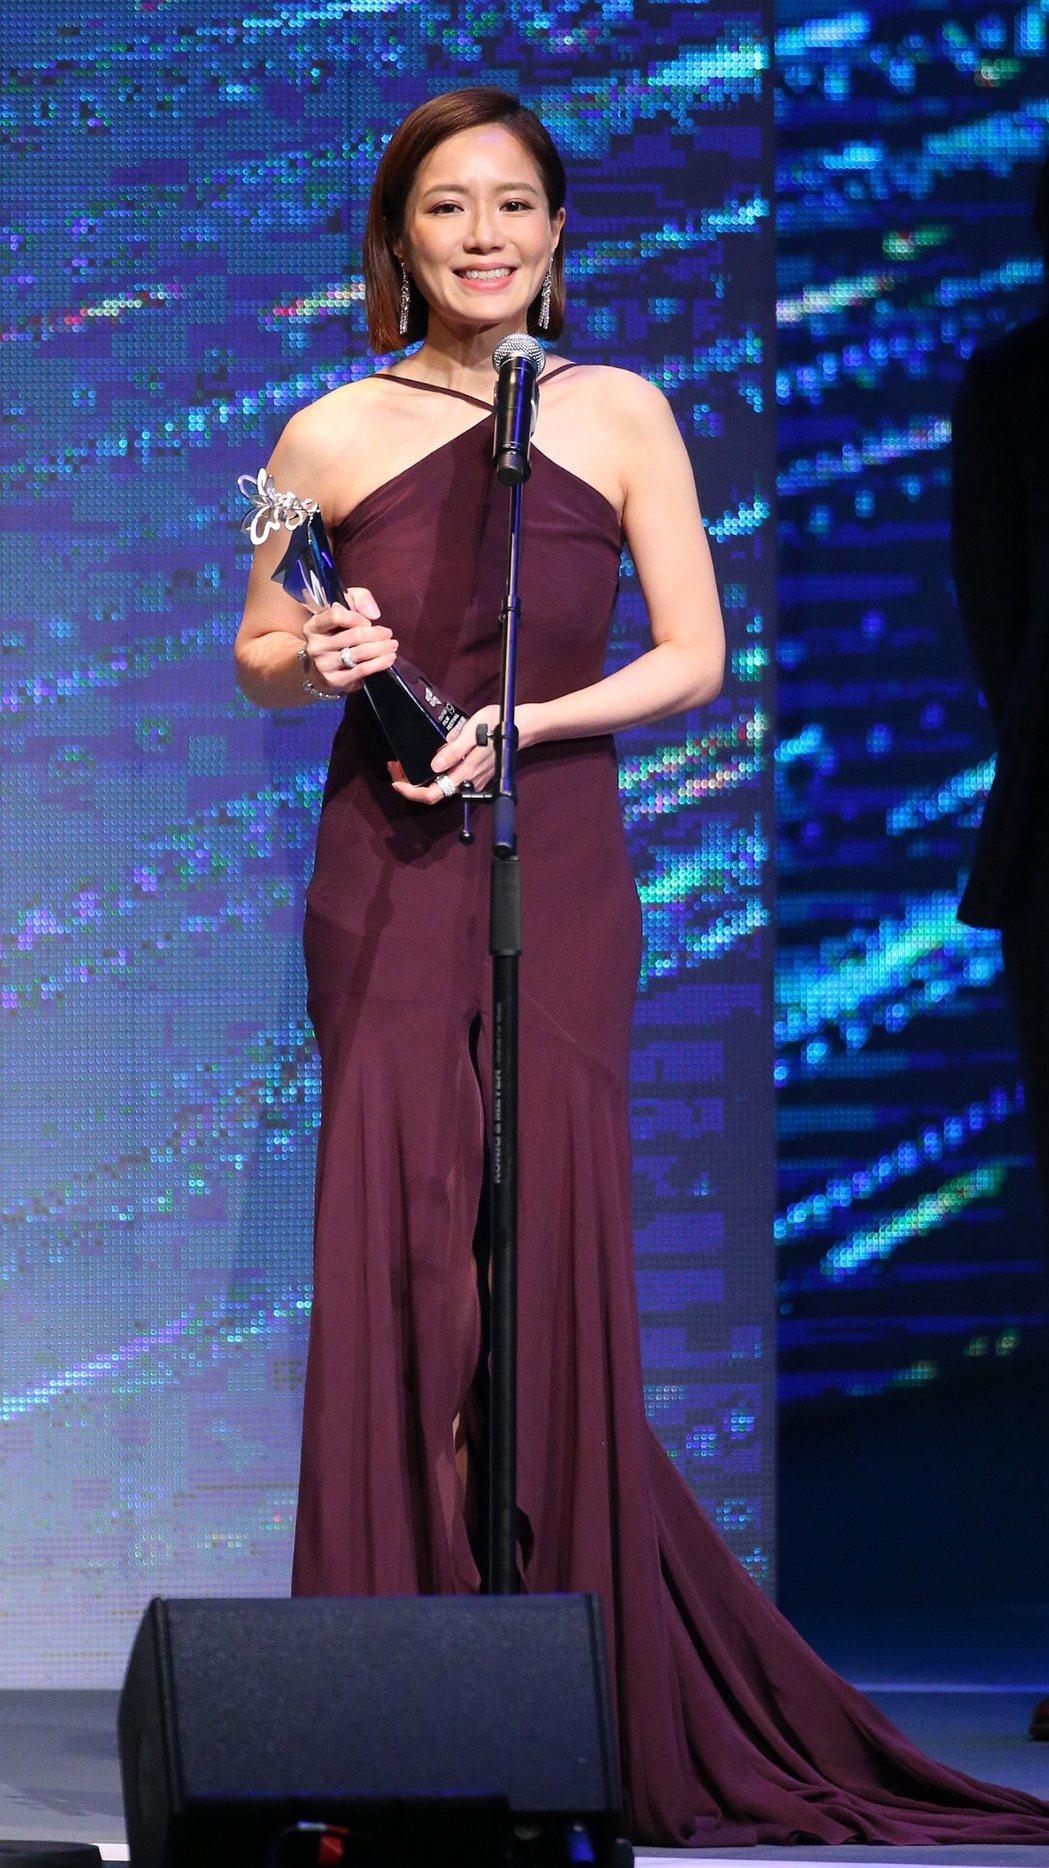 台北電影節最佳女主角獎由尹馨獲得。記者王騰毅/攝影